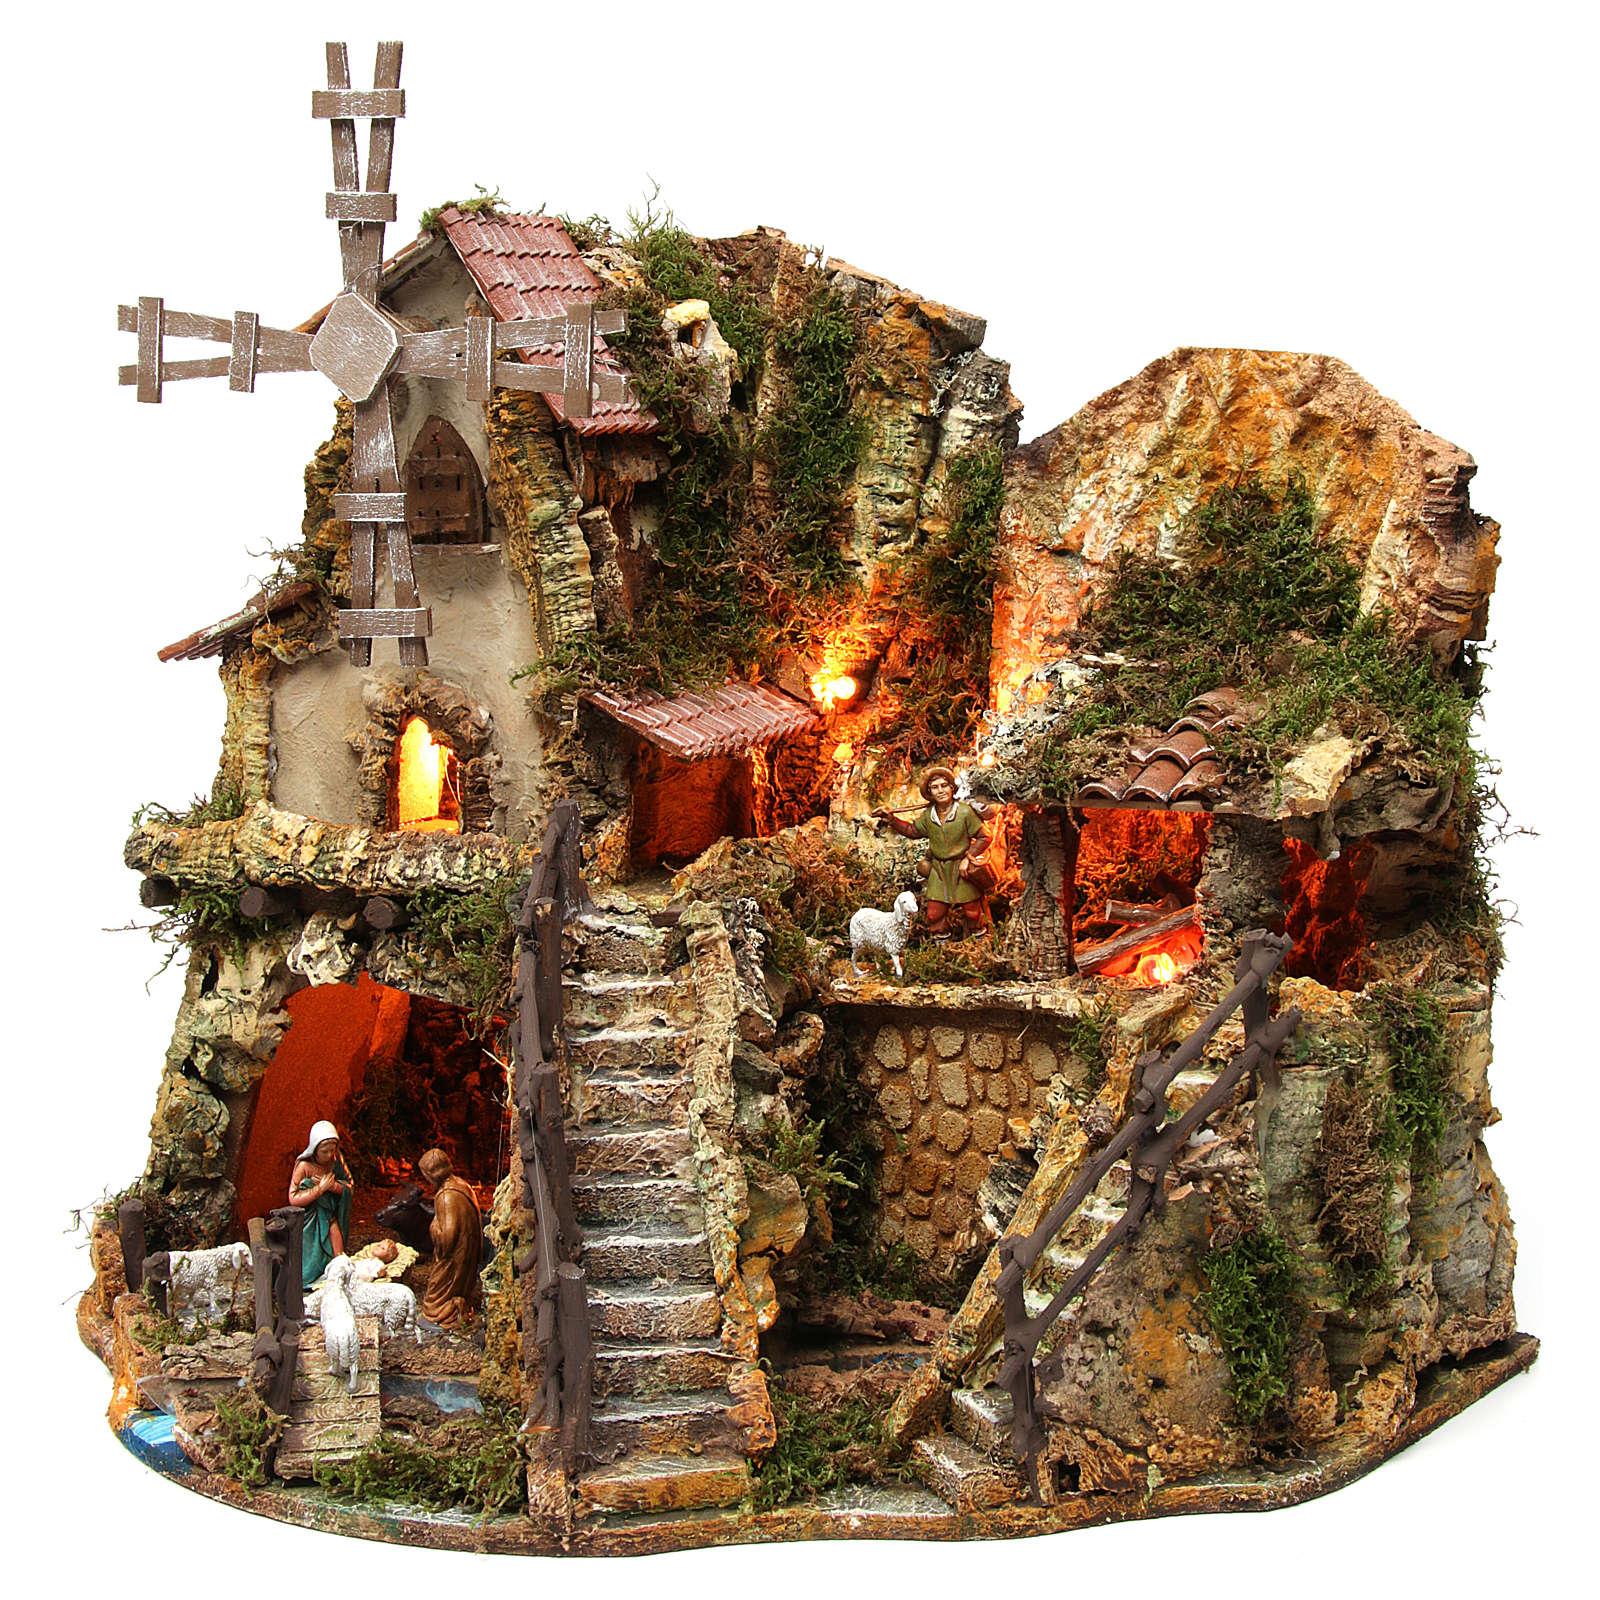 Aldeia com cabana iluminada casas moinho 42x59x35 cm 4